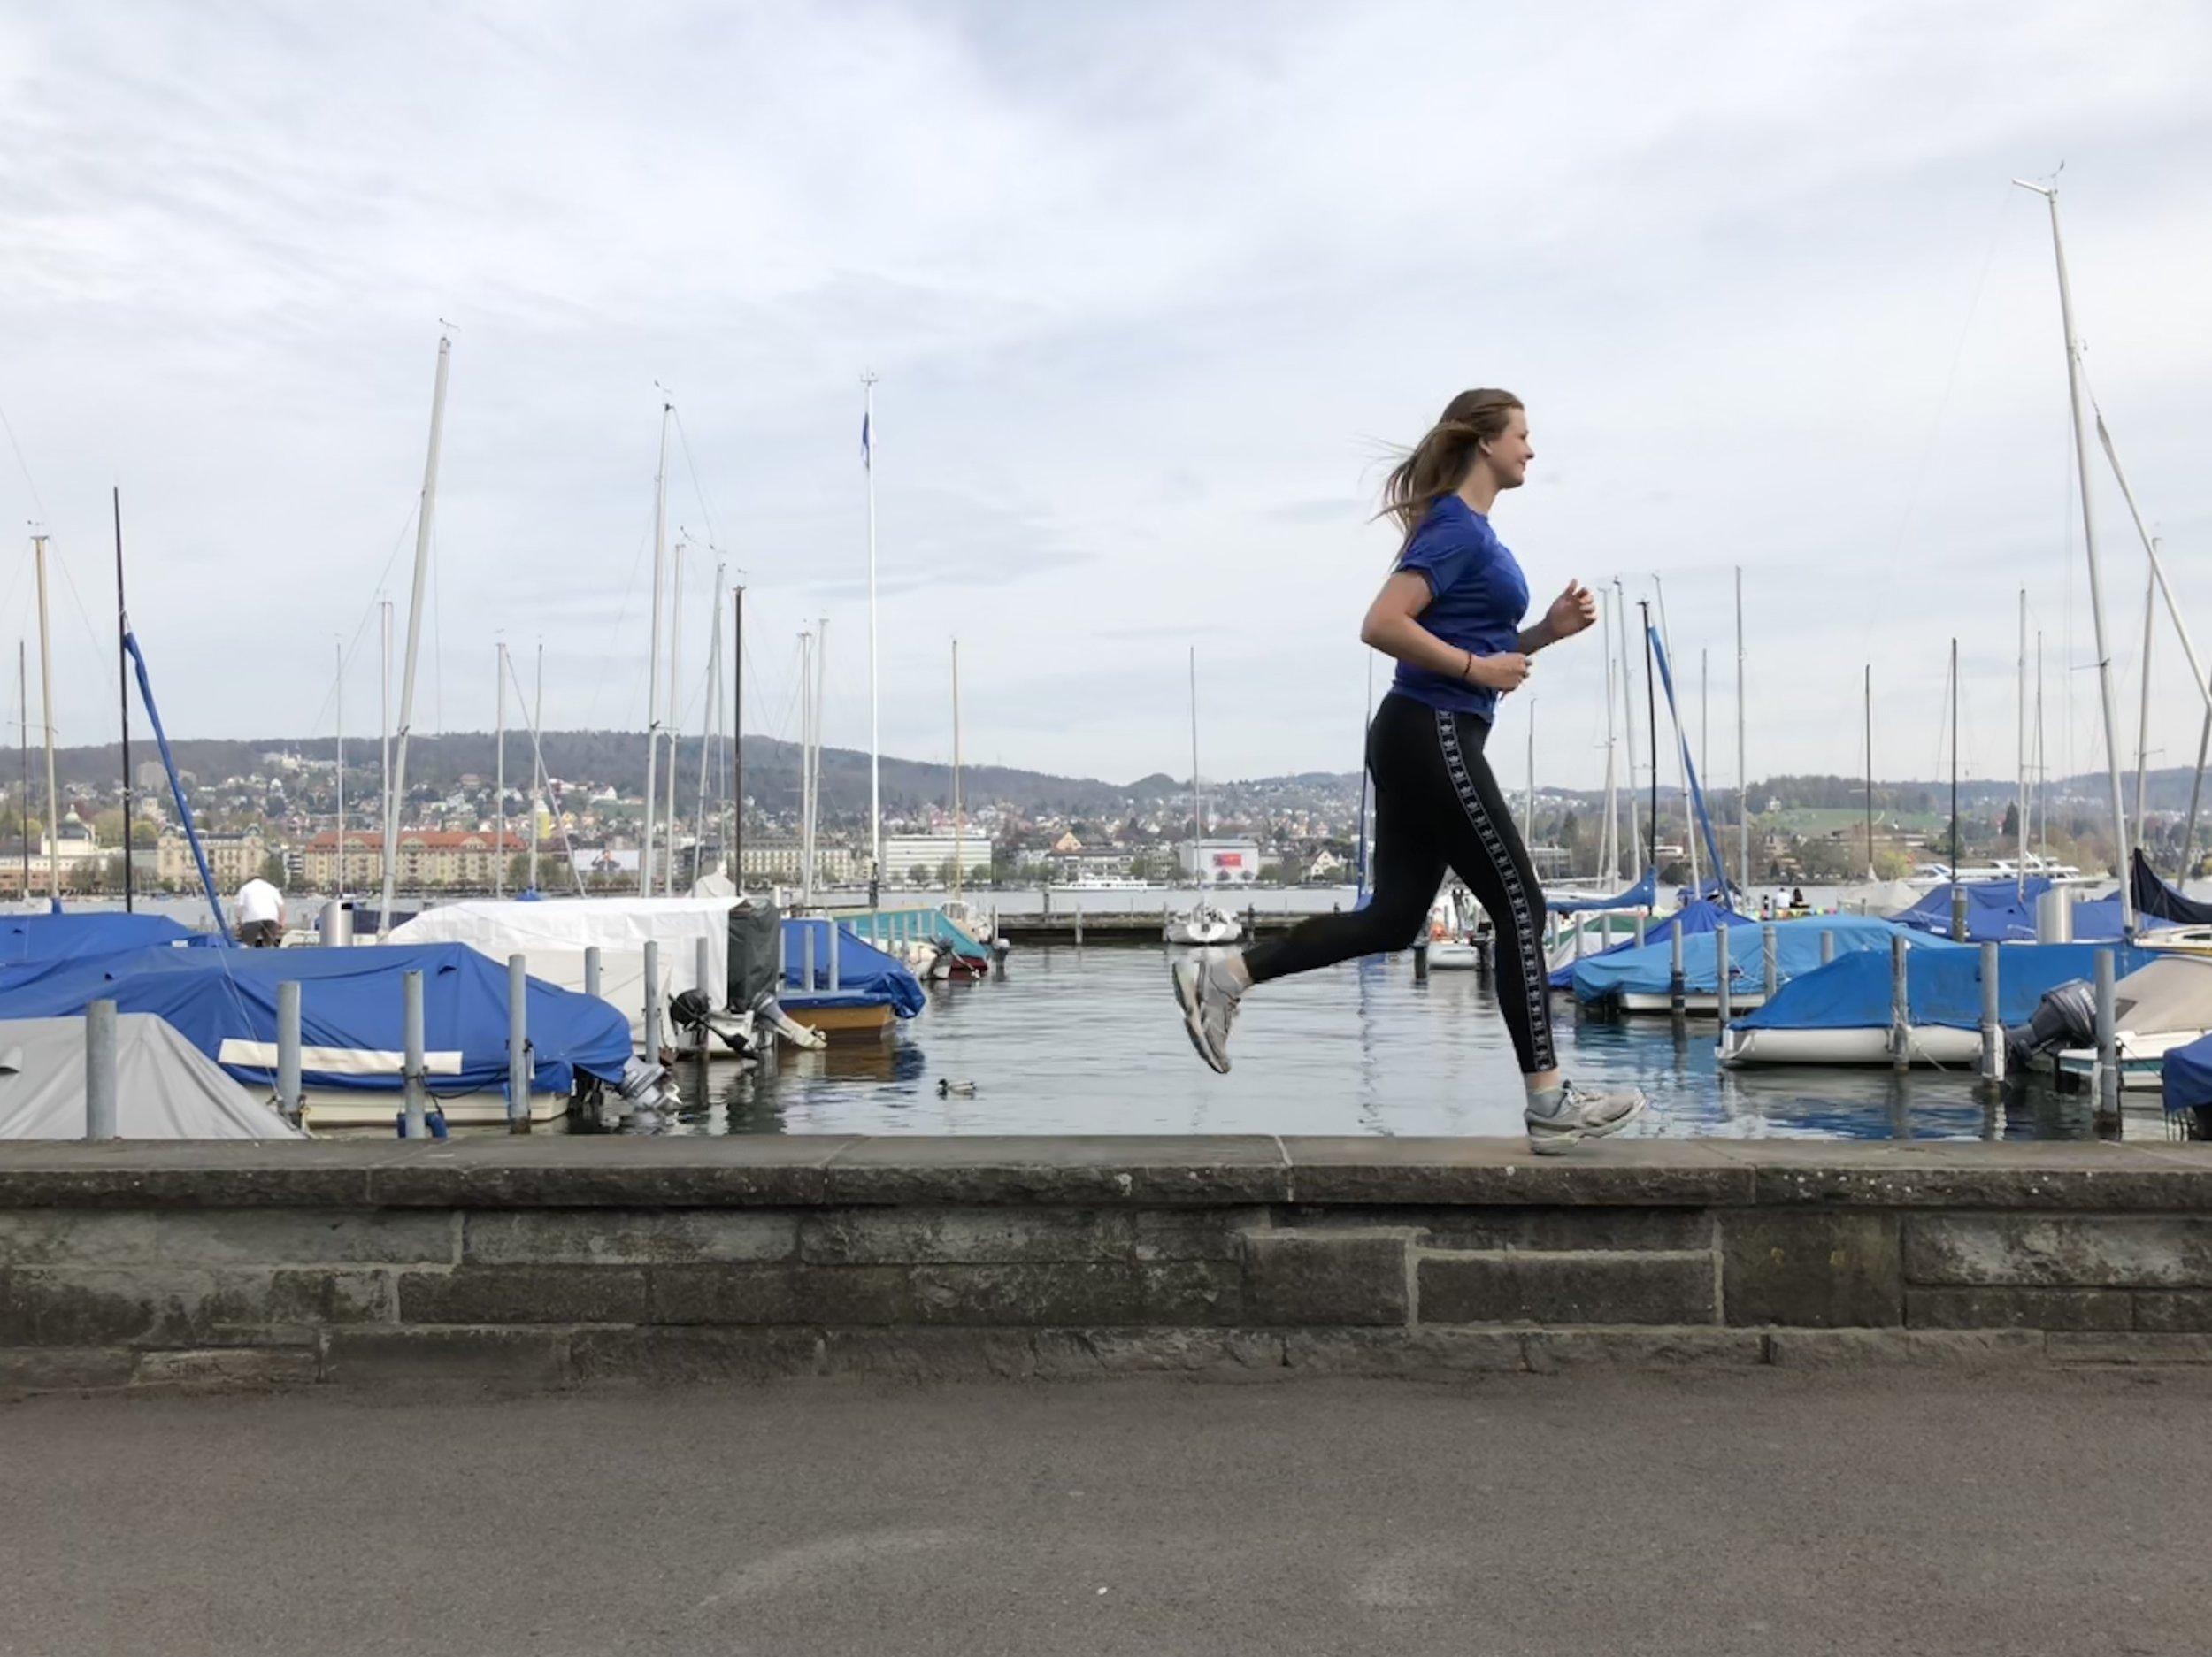 A 5-10 km lakeside run on the beautiful lake Zurich